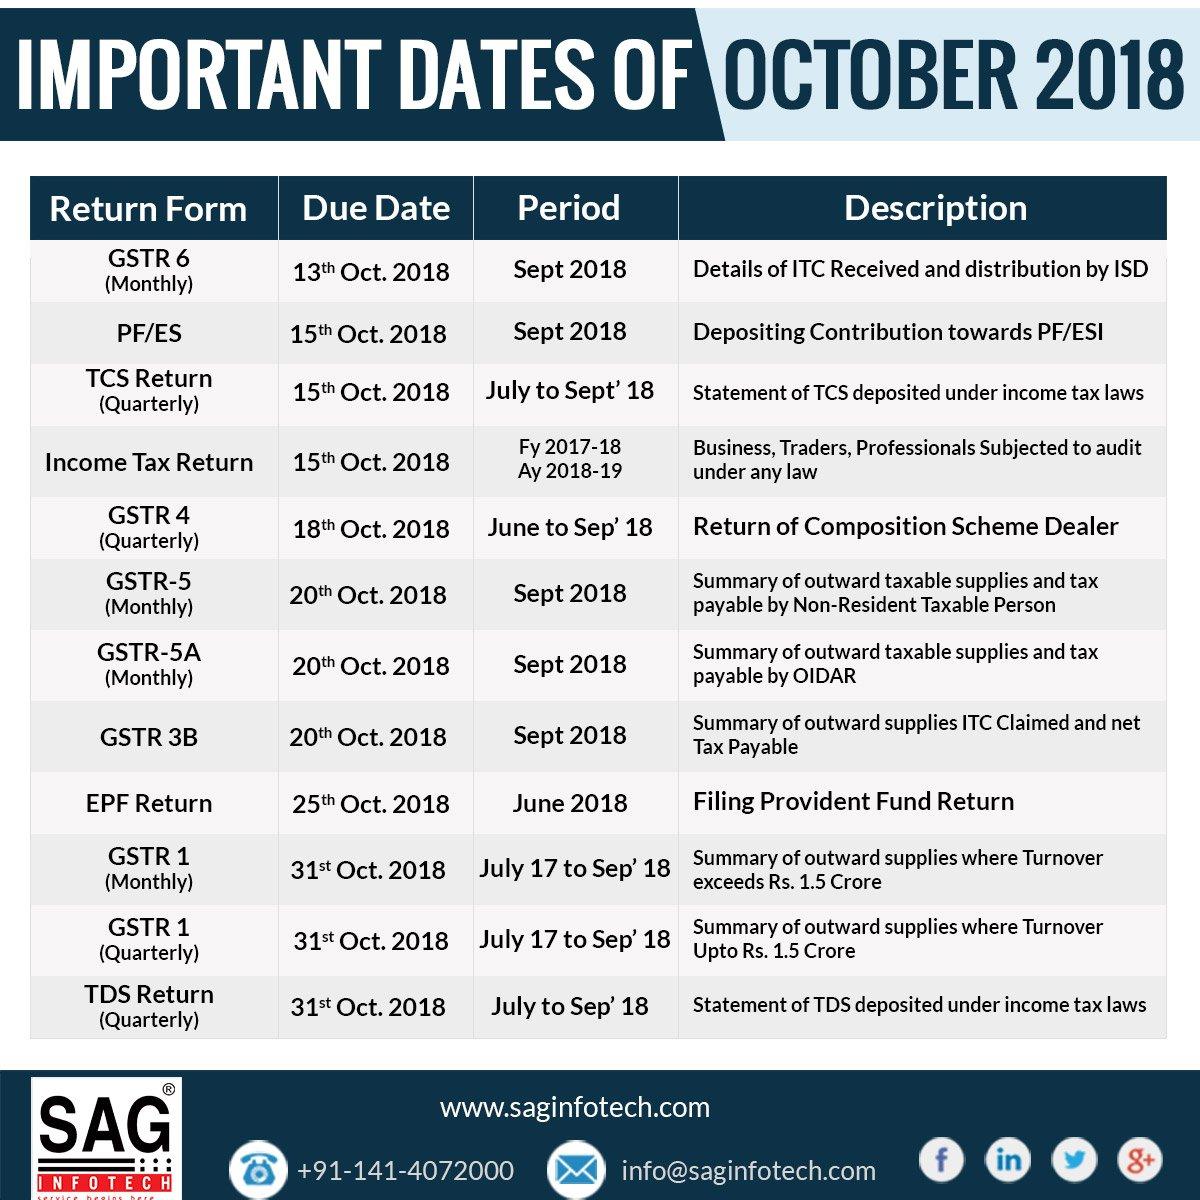 SAG Infotech on Twitter: